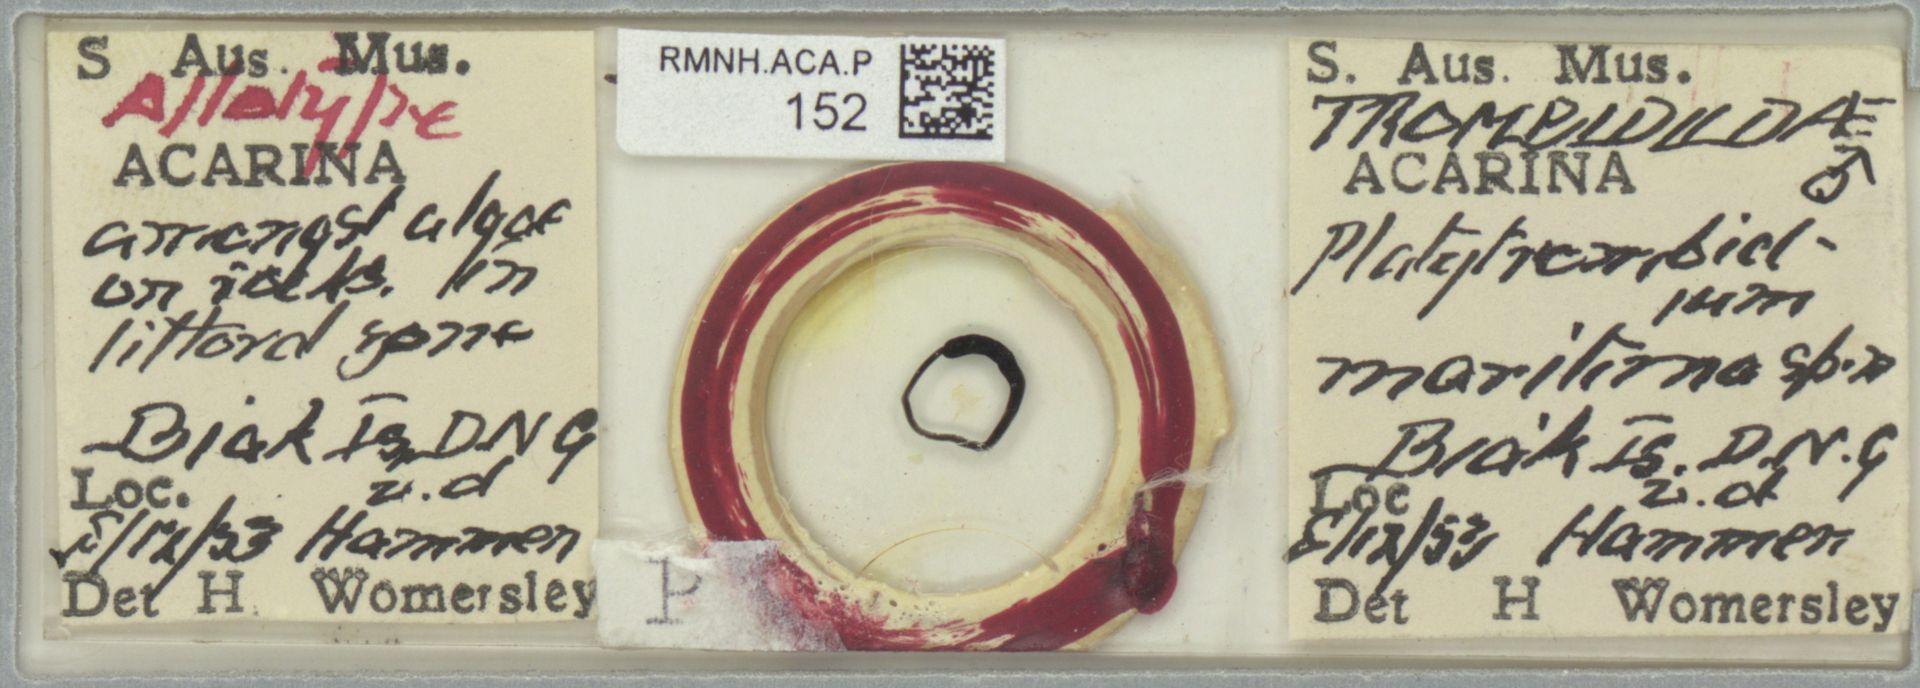 RMNH.ACA.P.152 | Platytrombidium maritimum Womersley